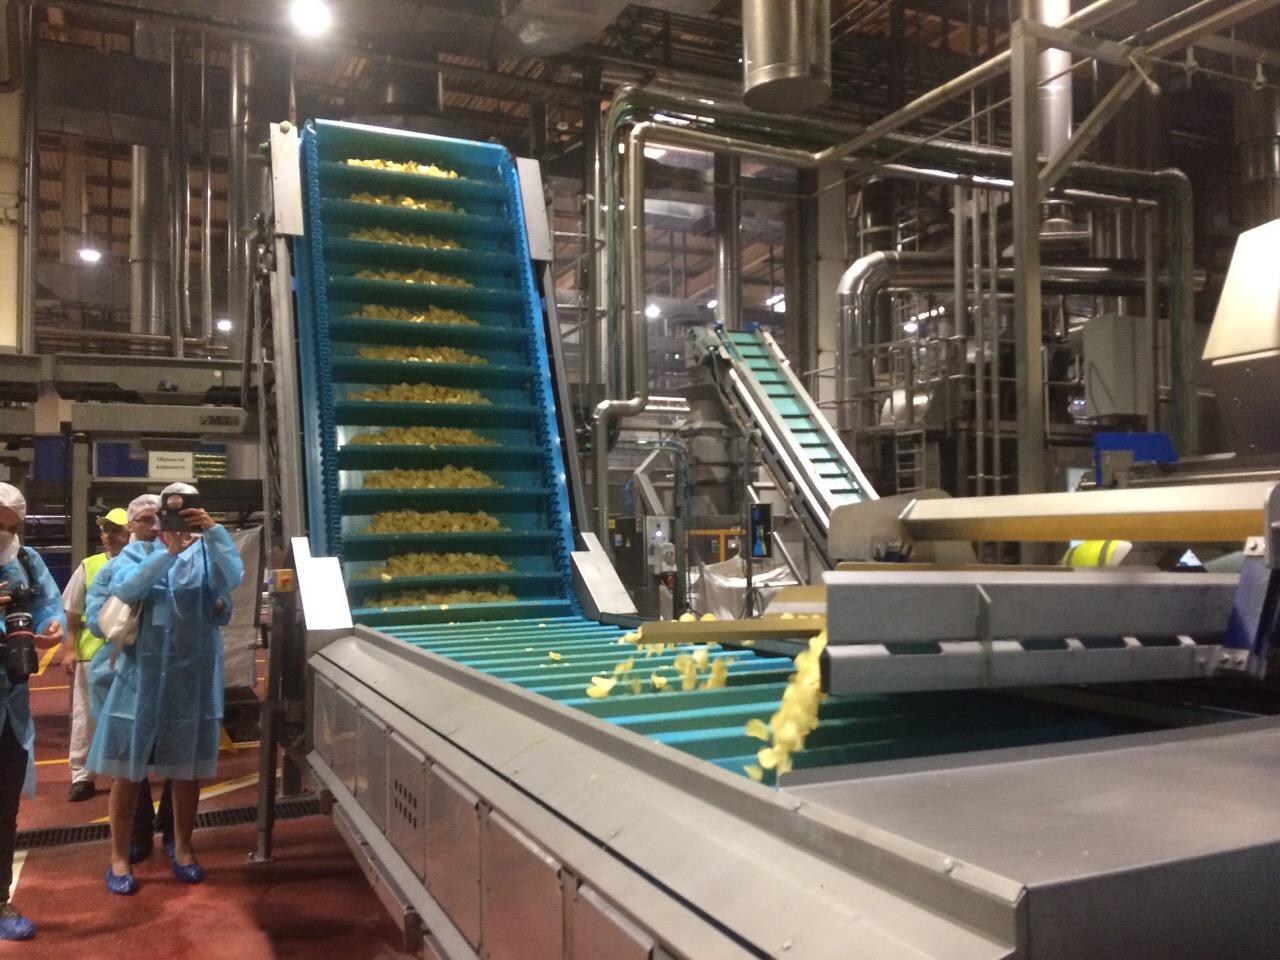 Компания PepsiCo запустила новую производственную линию на заводе в Азове//Фото: Екатерина Мацкиева/Городской репортер